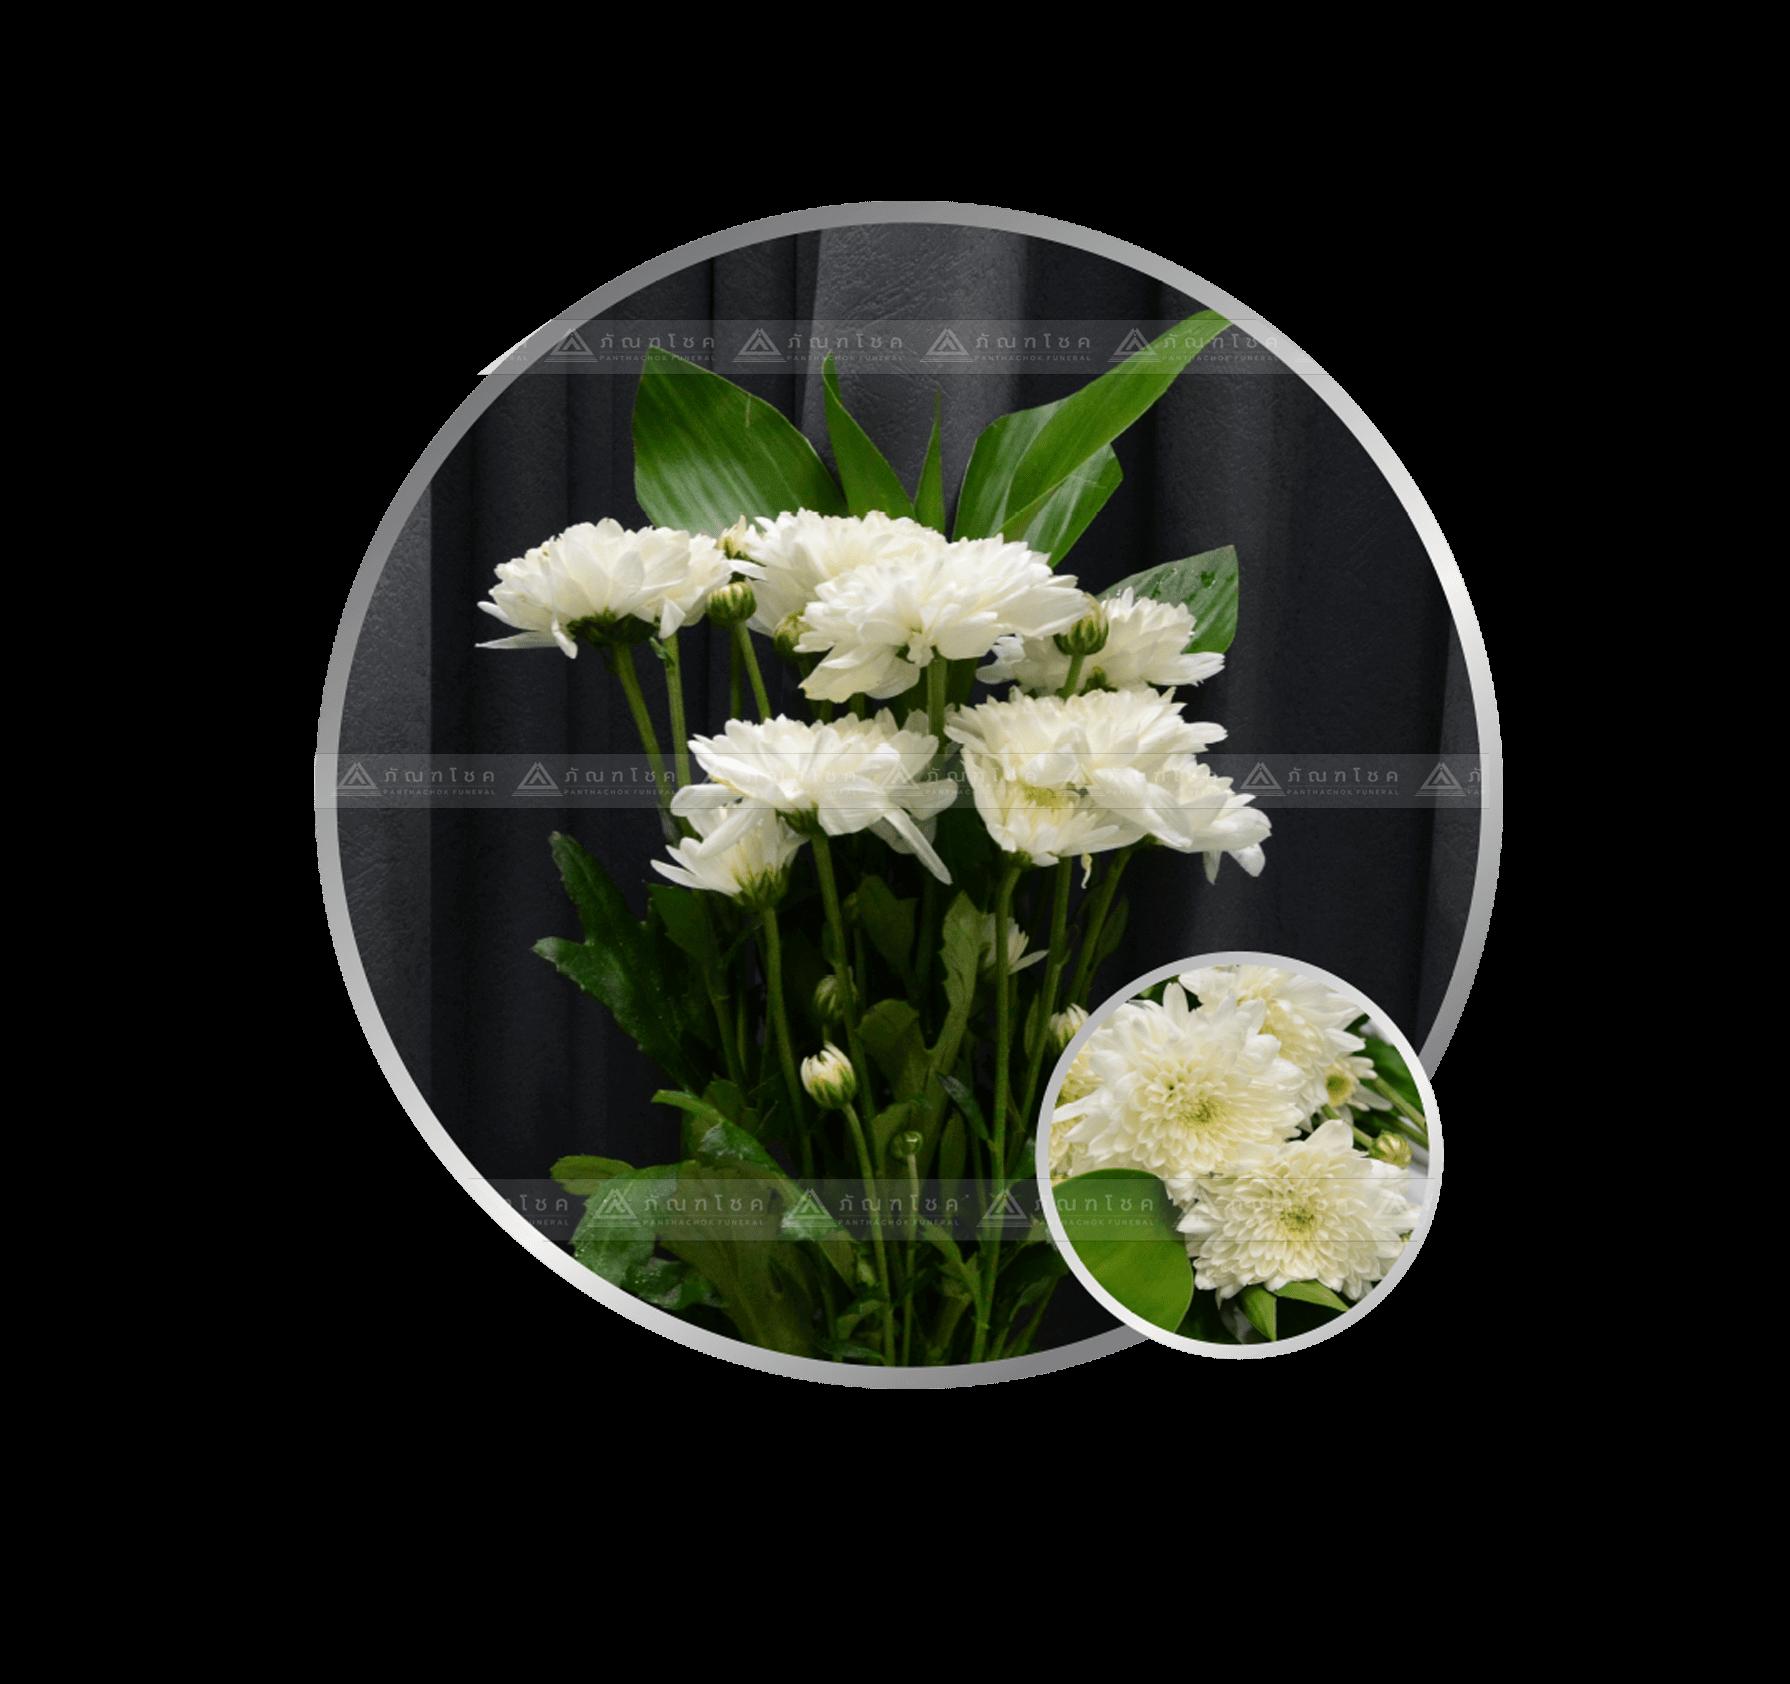 ของใช้งานศพ ดอกไม้ถวายพระ